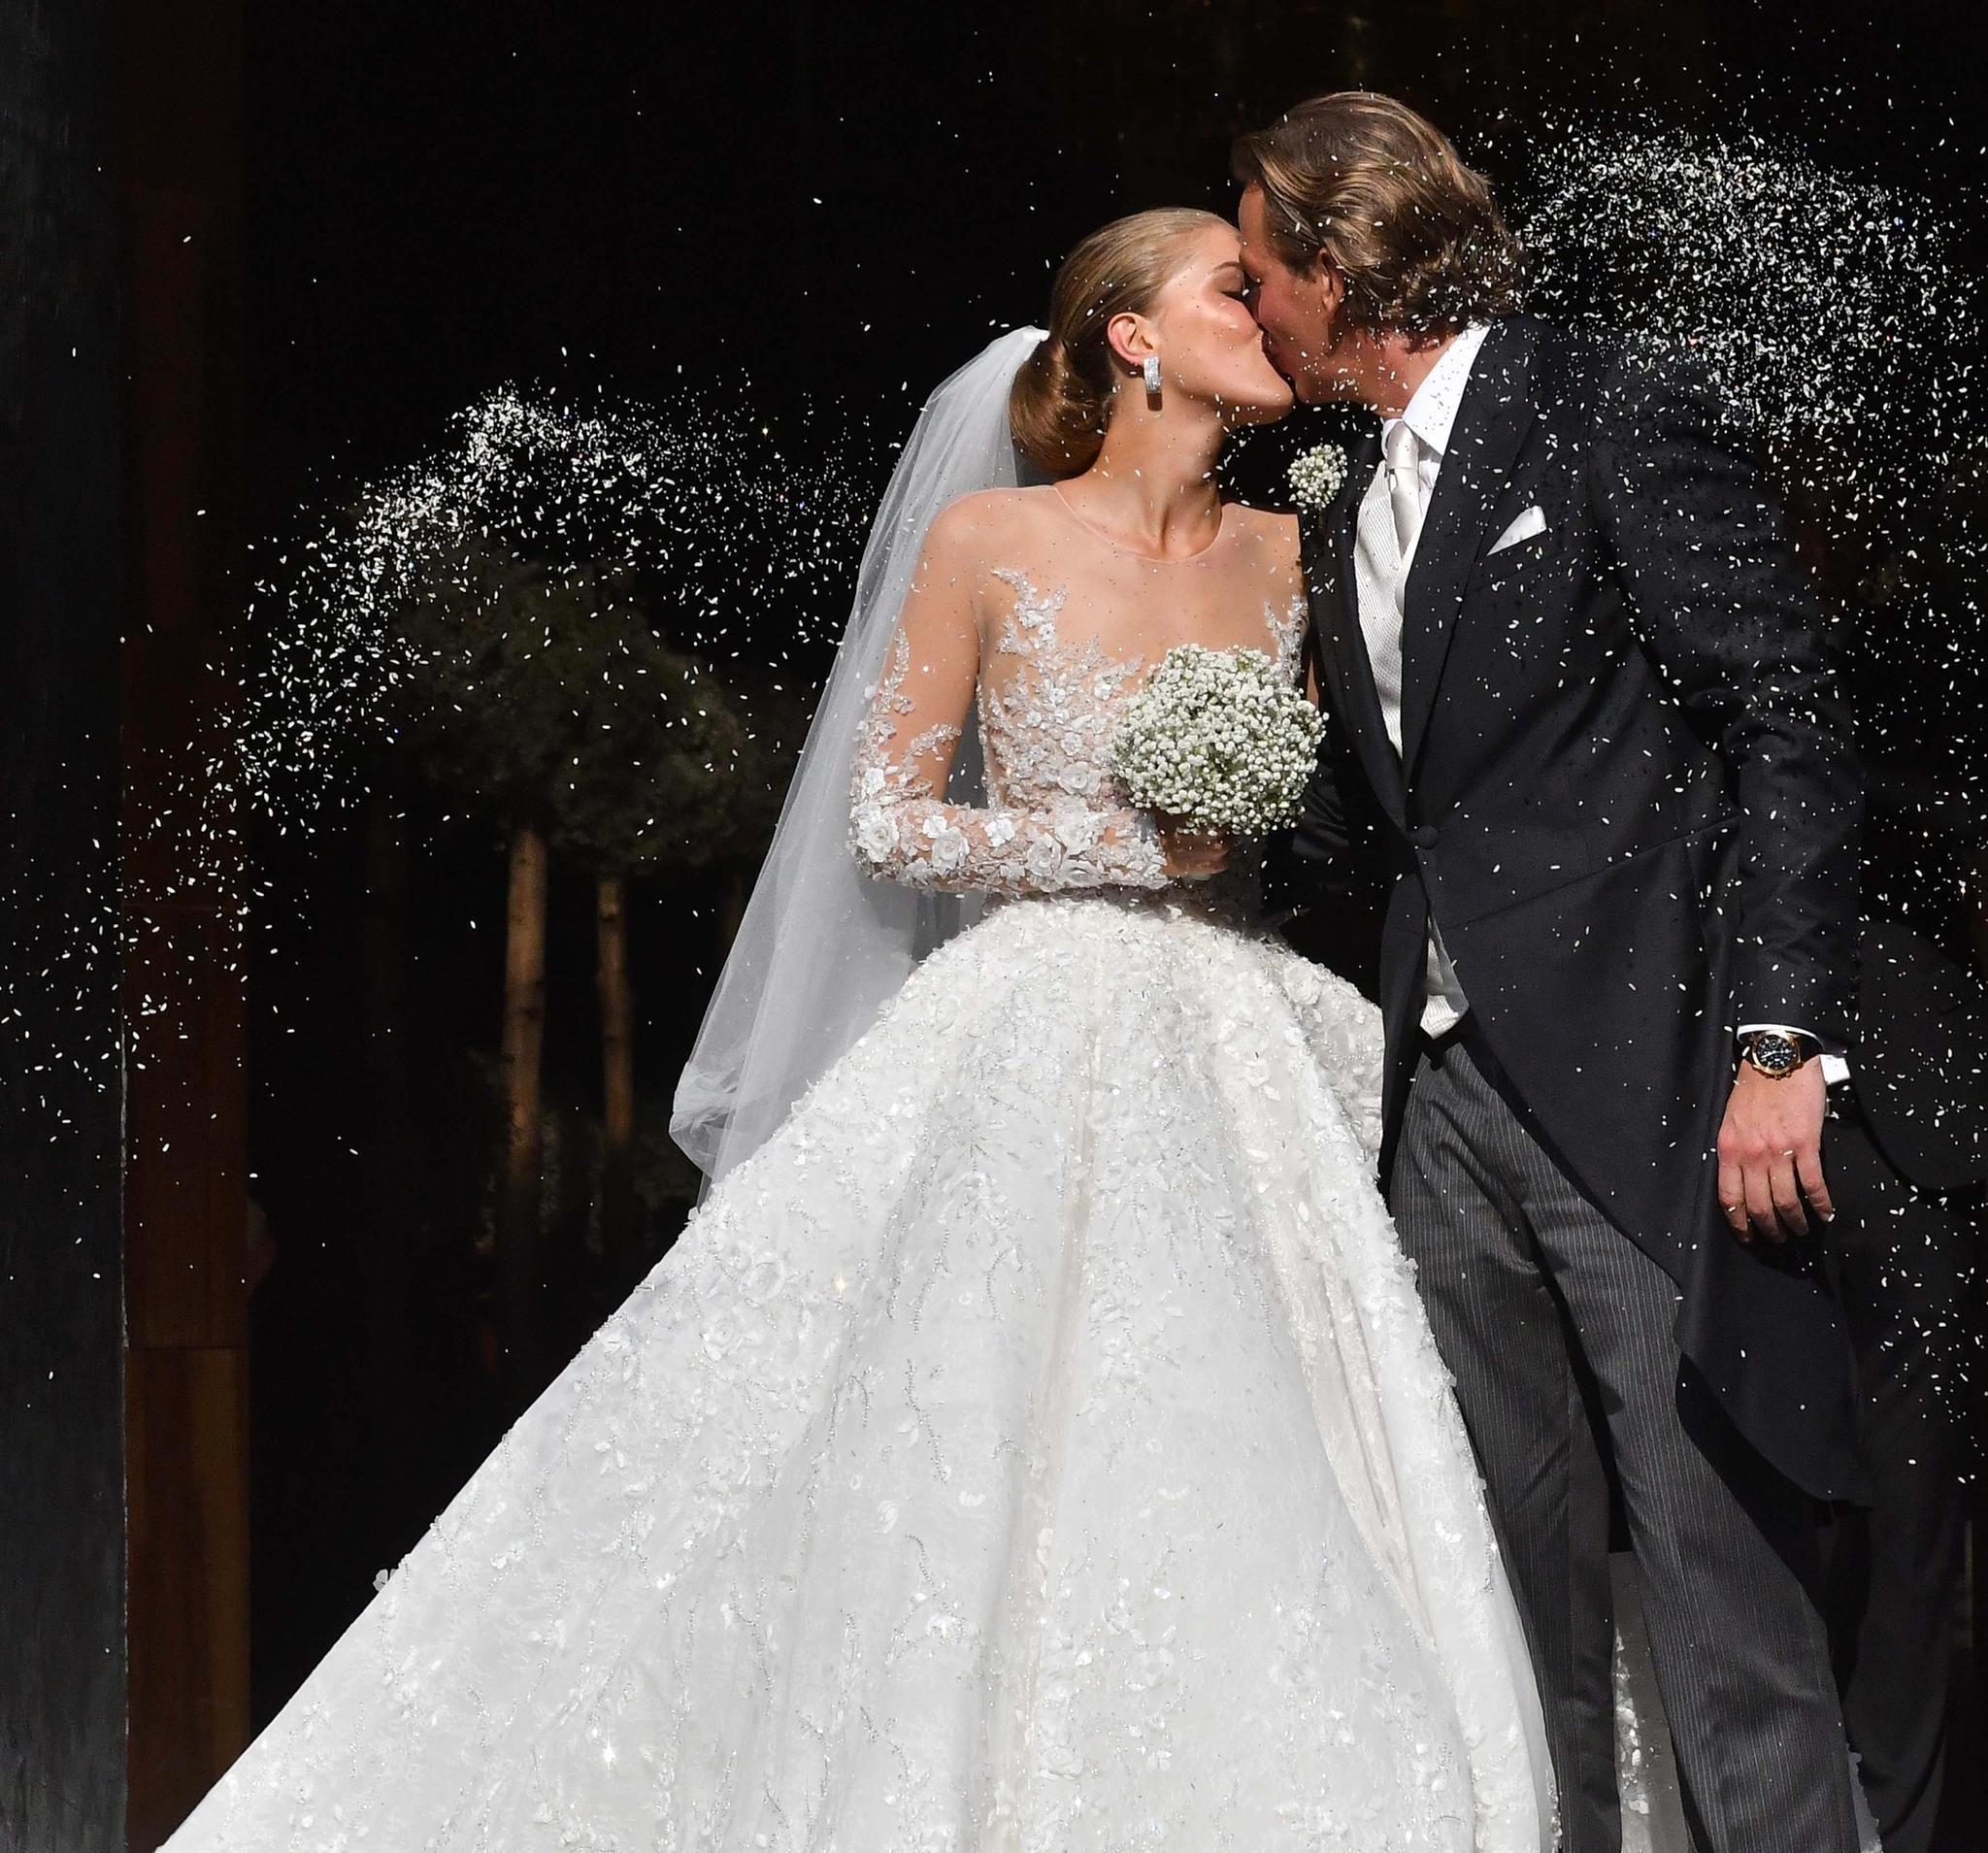 Victoria Swarovski Die Schonsten Fotos Ihrer Hochzeit Hochzeit